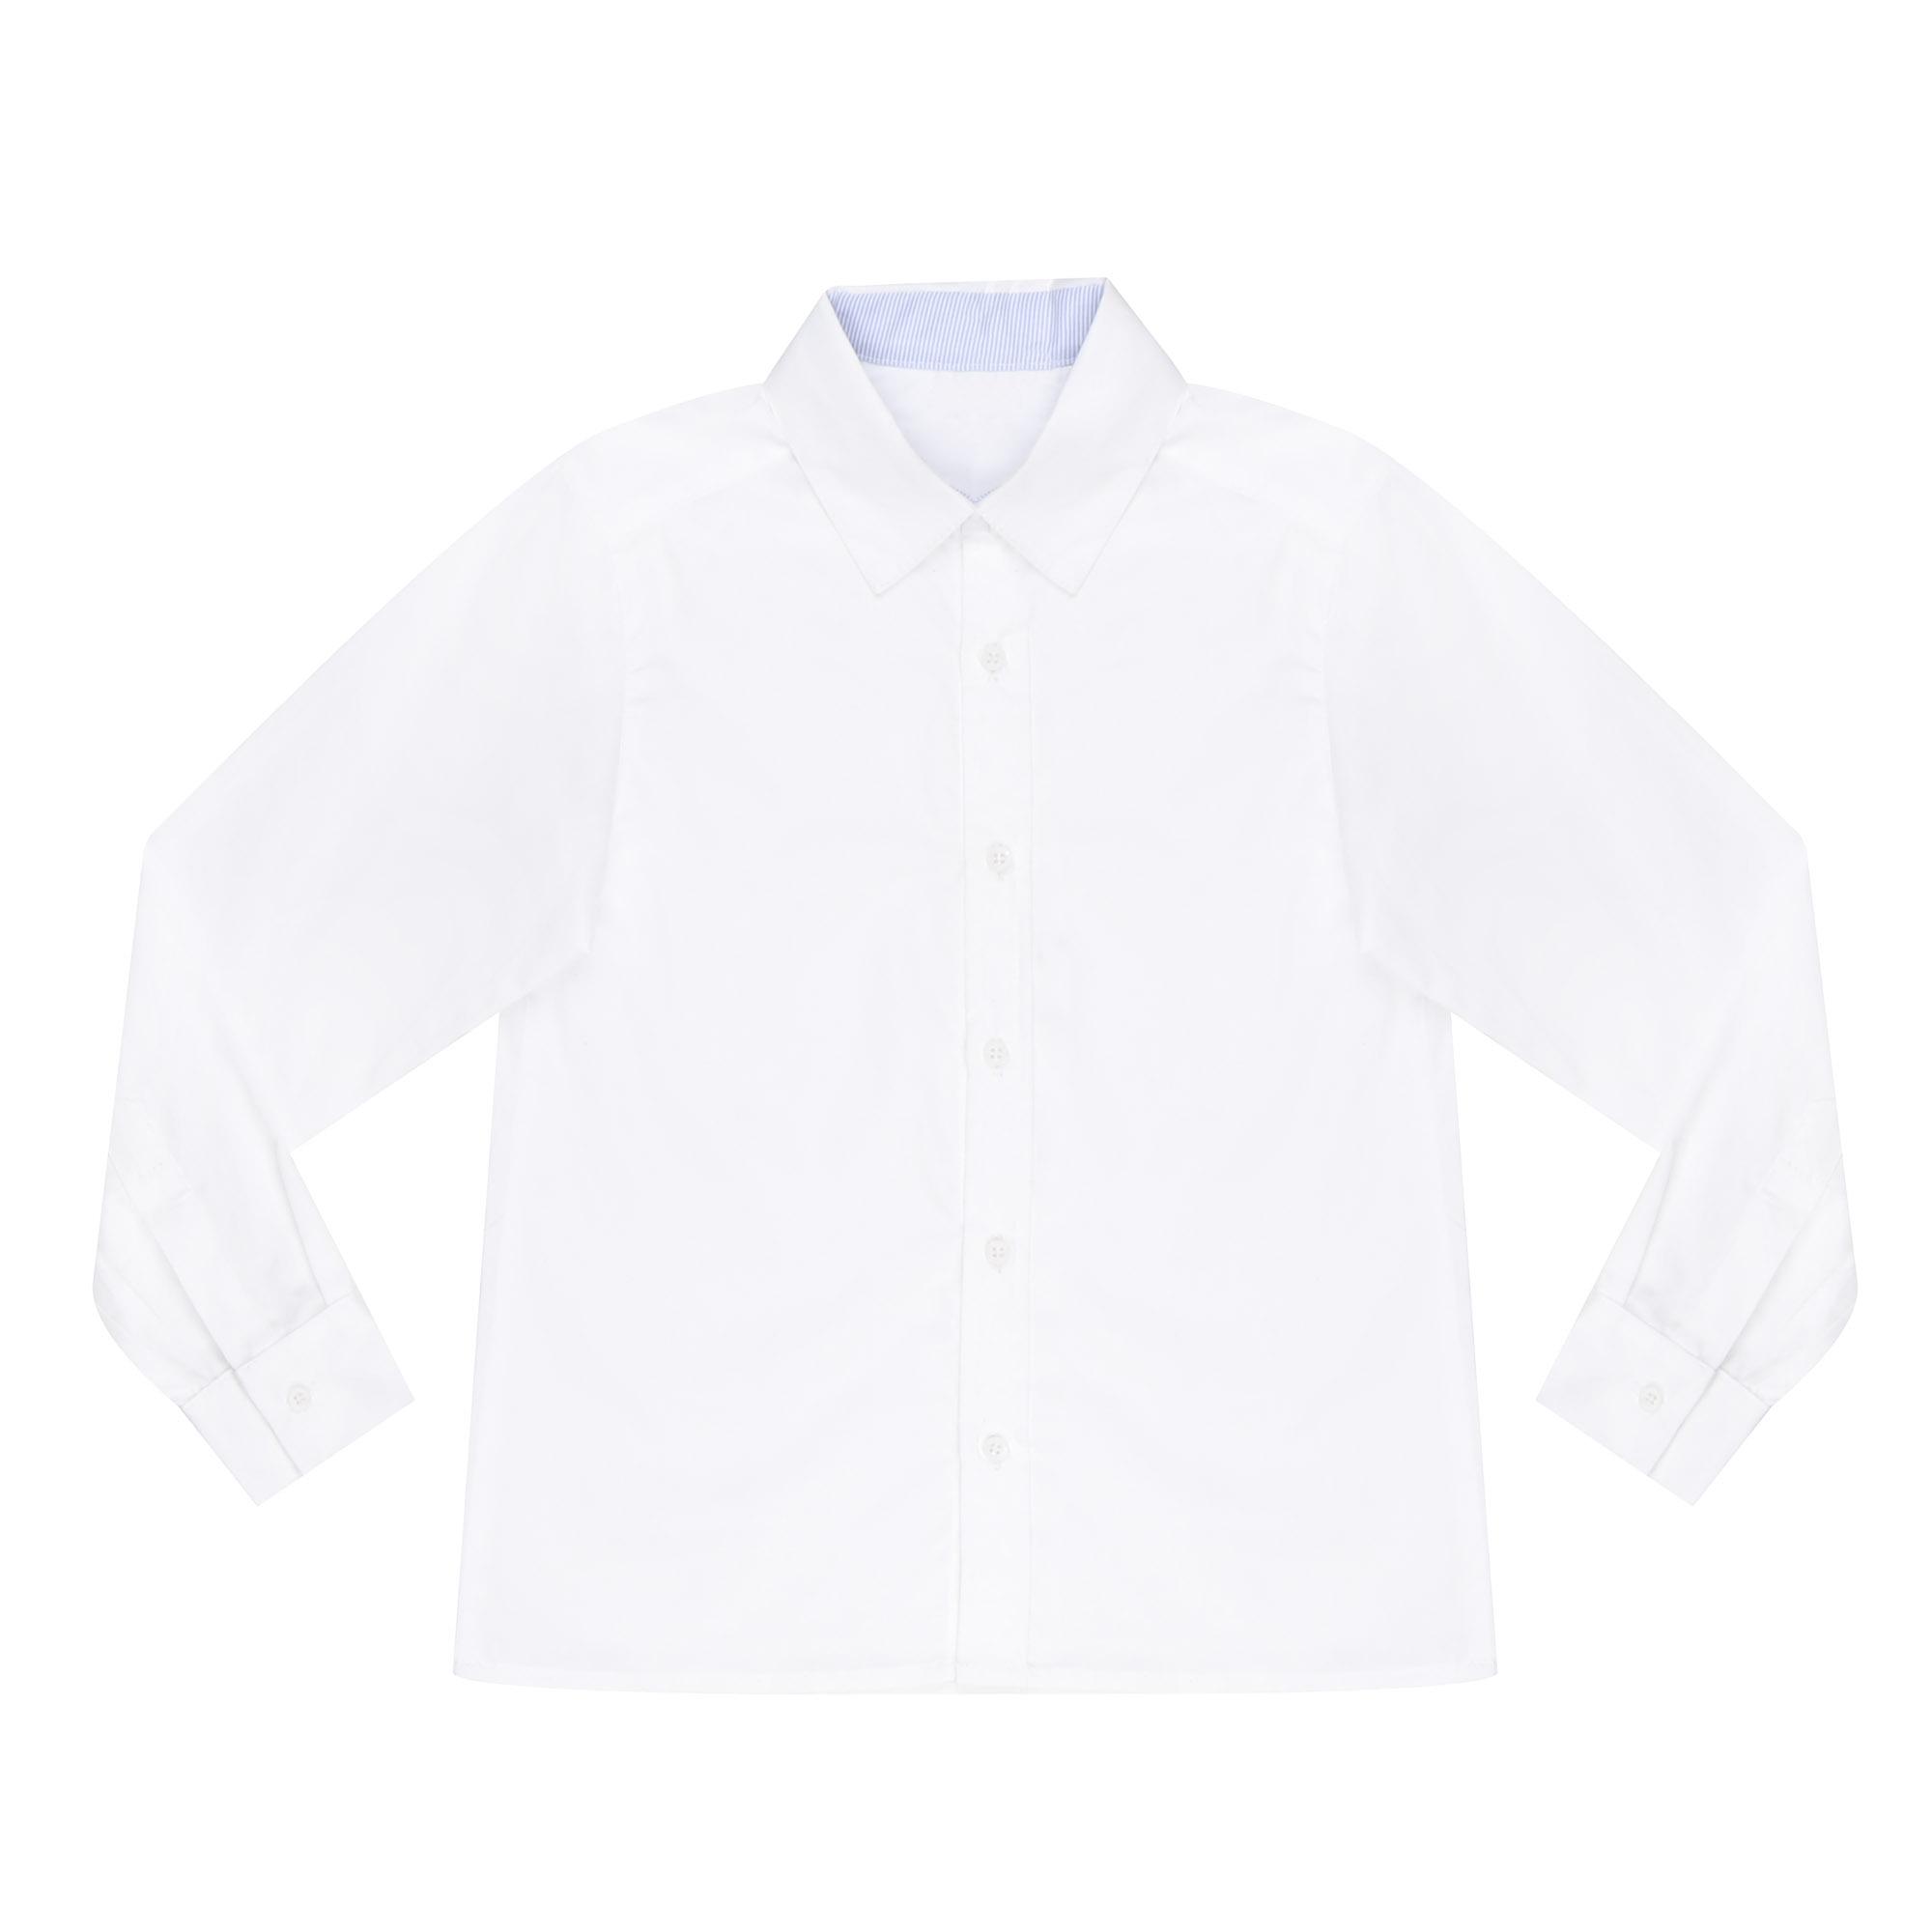 Сорочка для мальчиков КАРАМЕЛЛИ О14448 белая 158